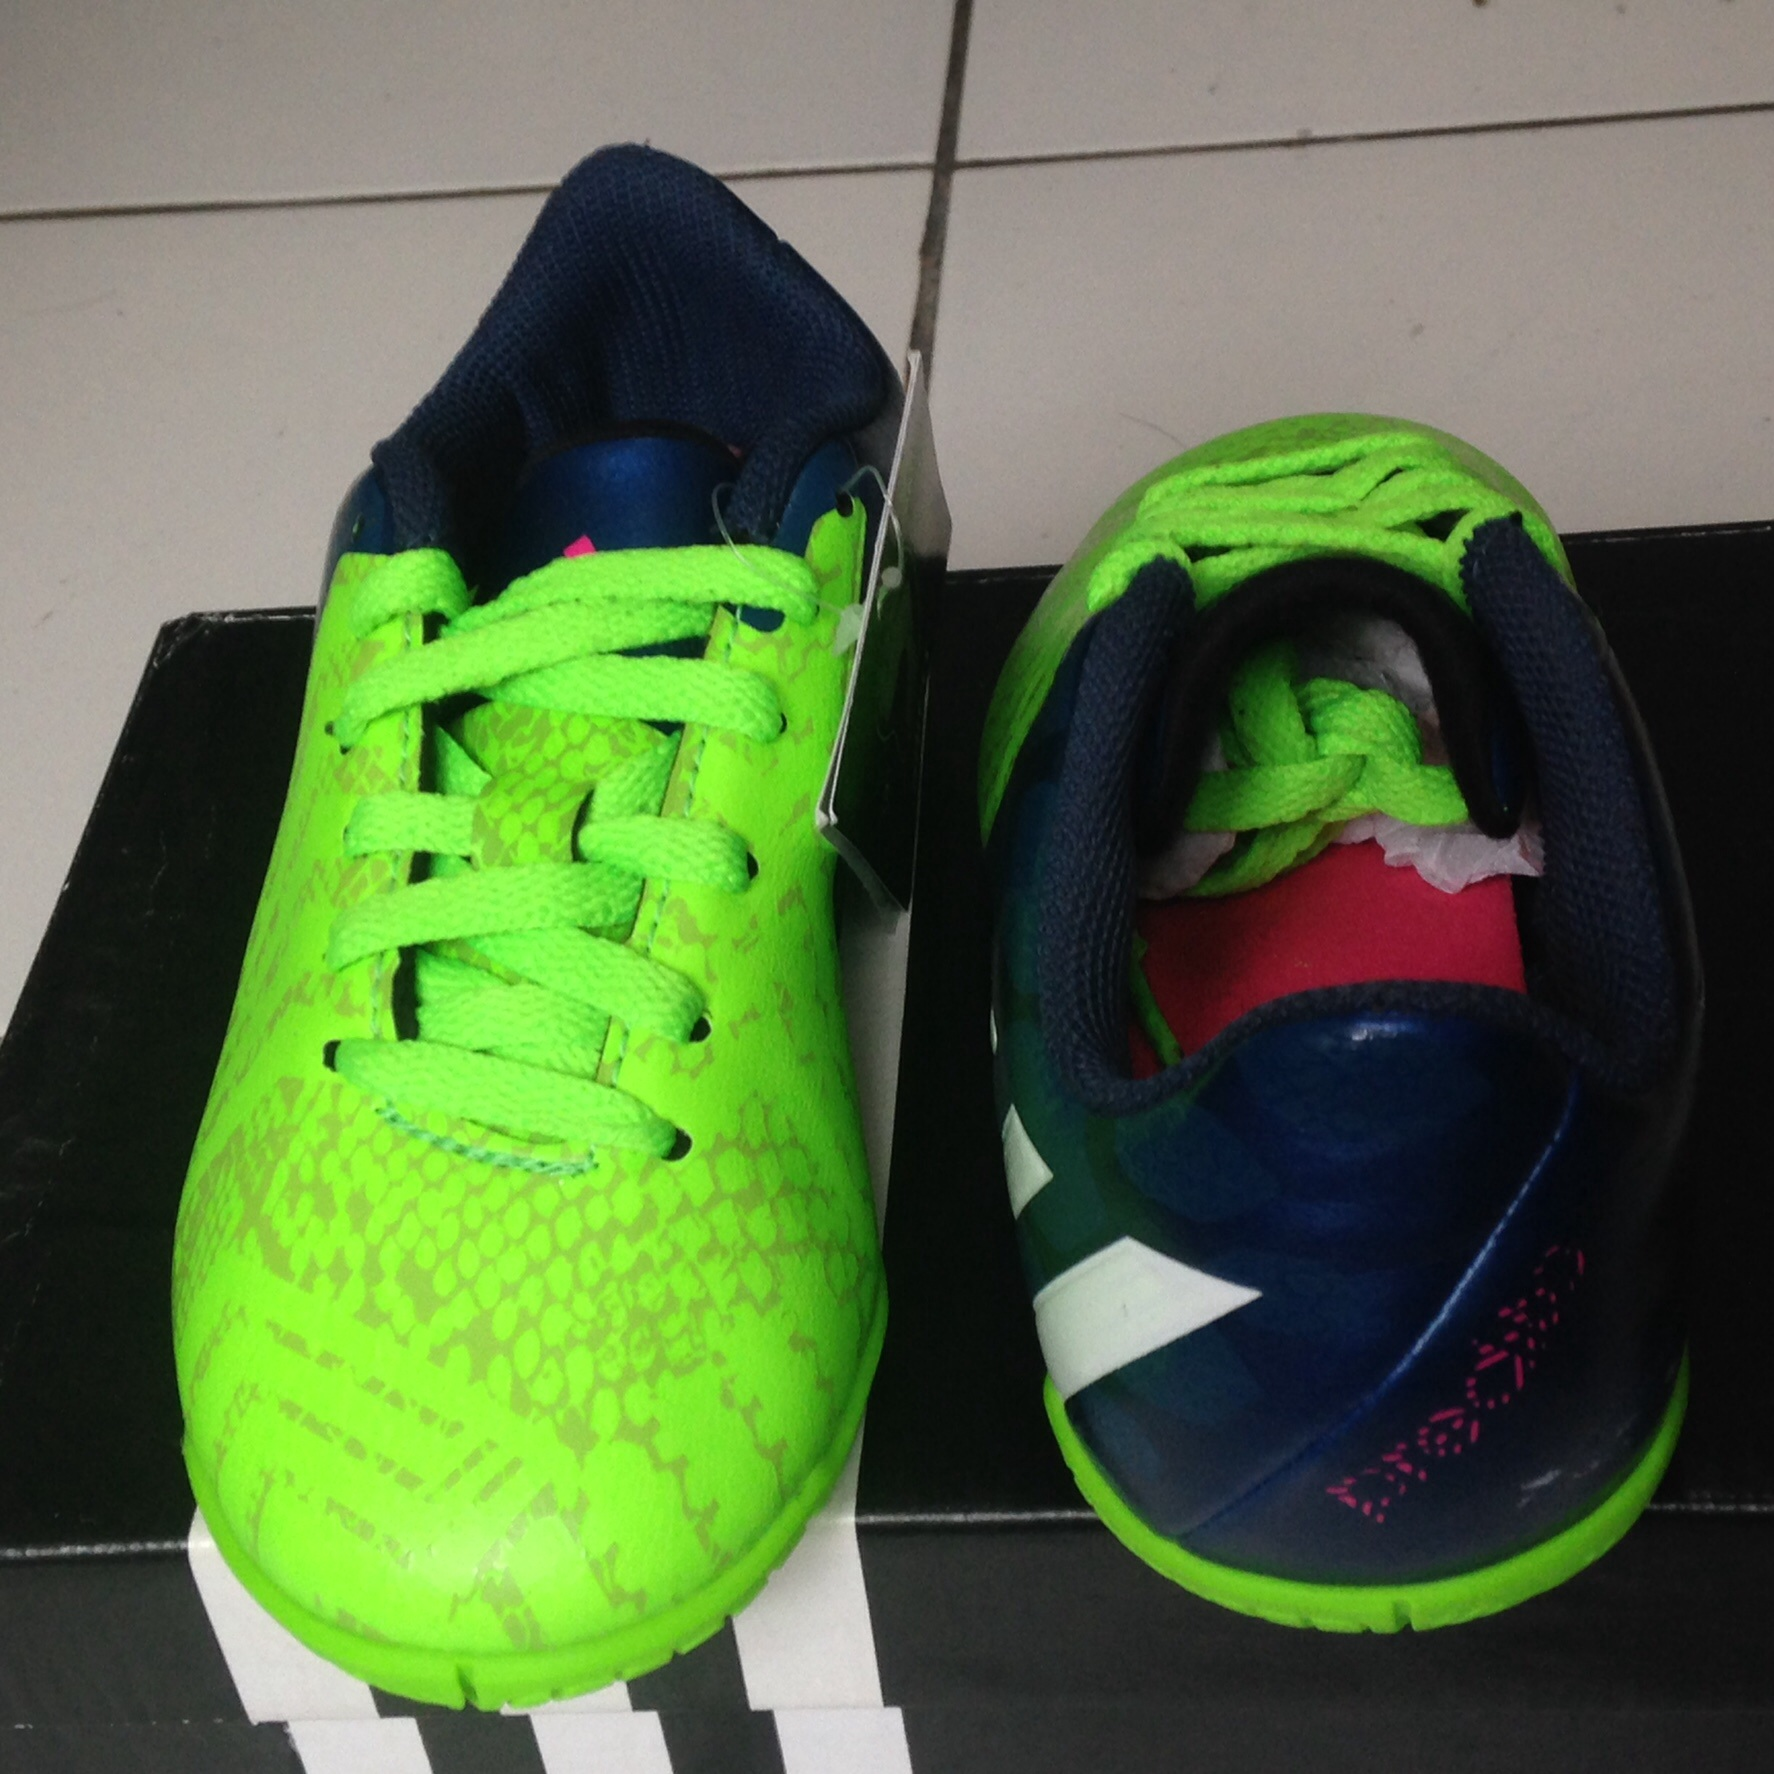 Harga Dan Spesifikasi Sepatu Futsal Anak 1 Terbaru 2018 Acrorip 903 One Phase Print Tinta Putih Warna Bersamaan Jual Bola Nike Ukuran 35 Total90 Shoot Iii Adidas Predito Instinct